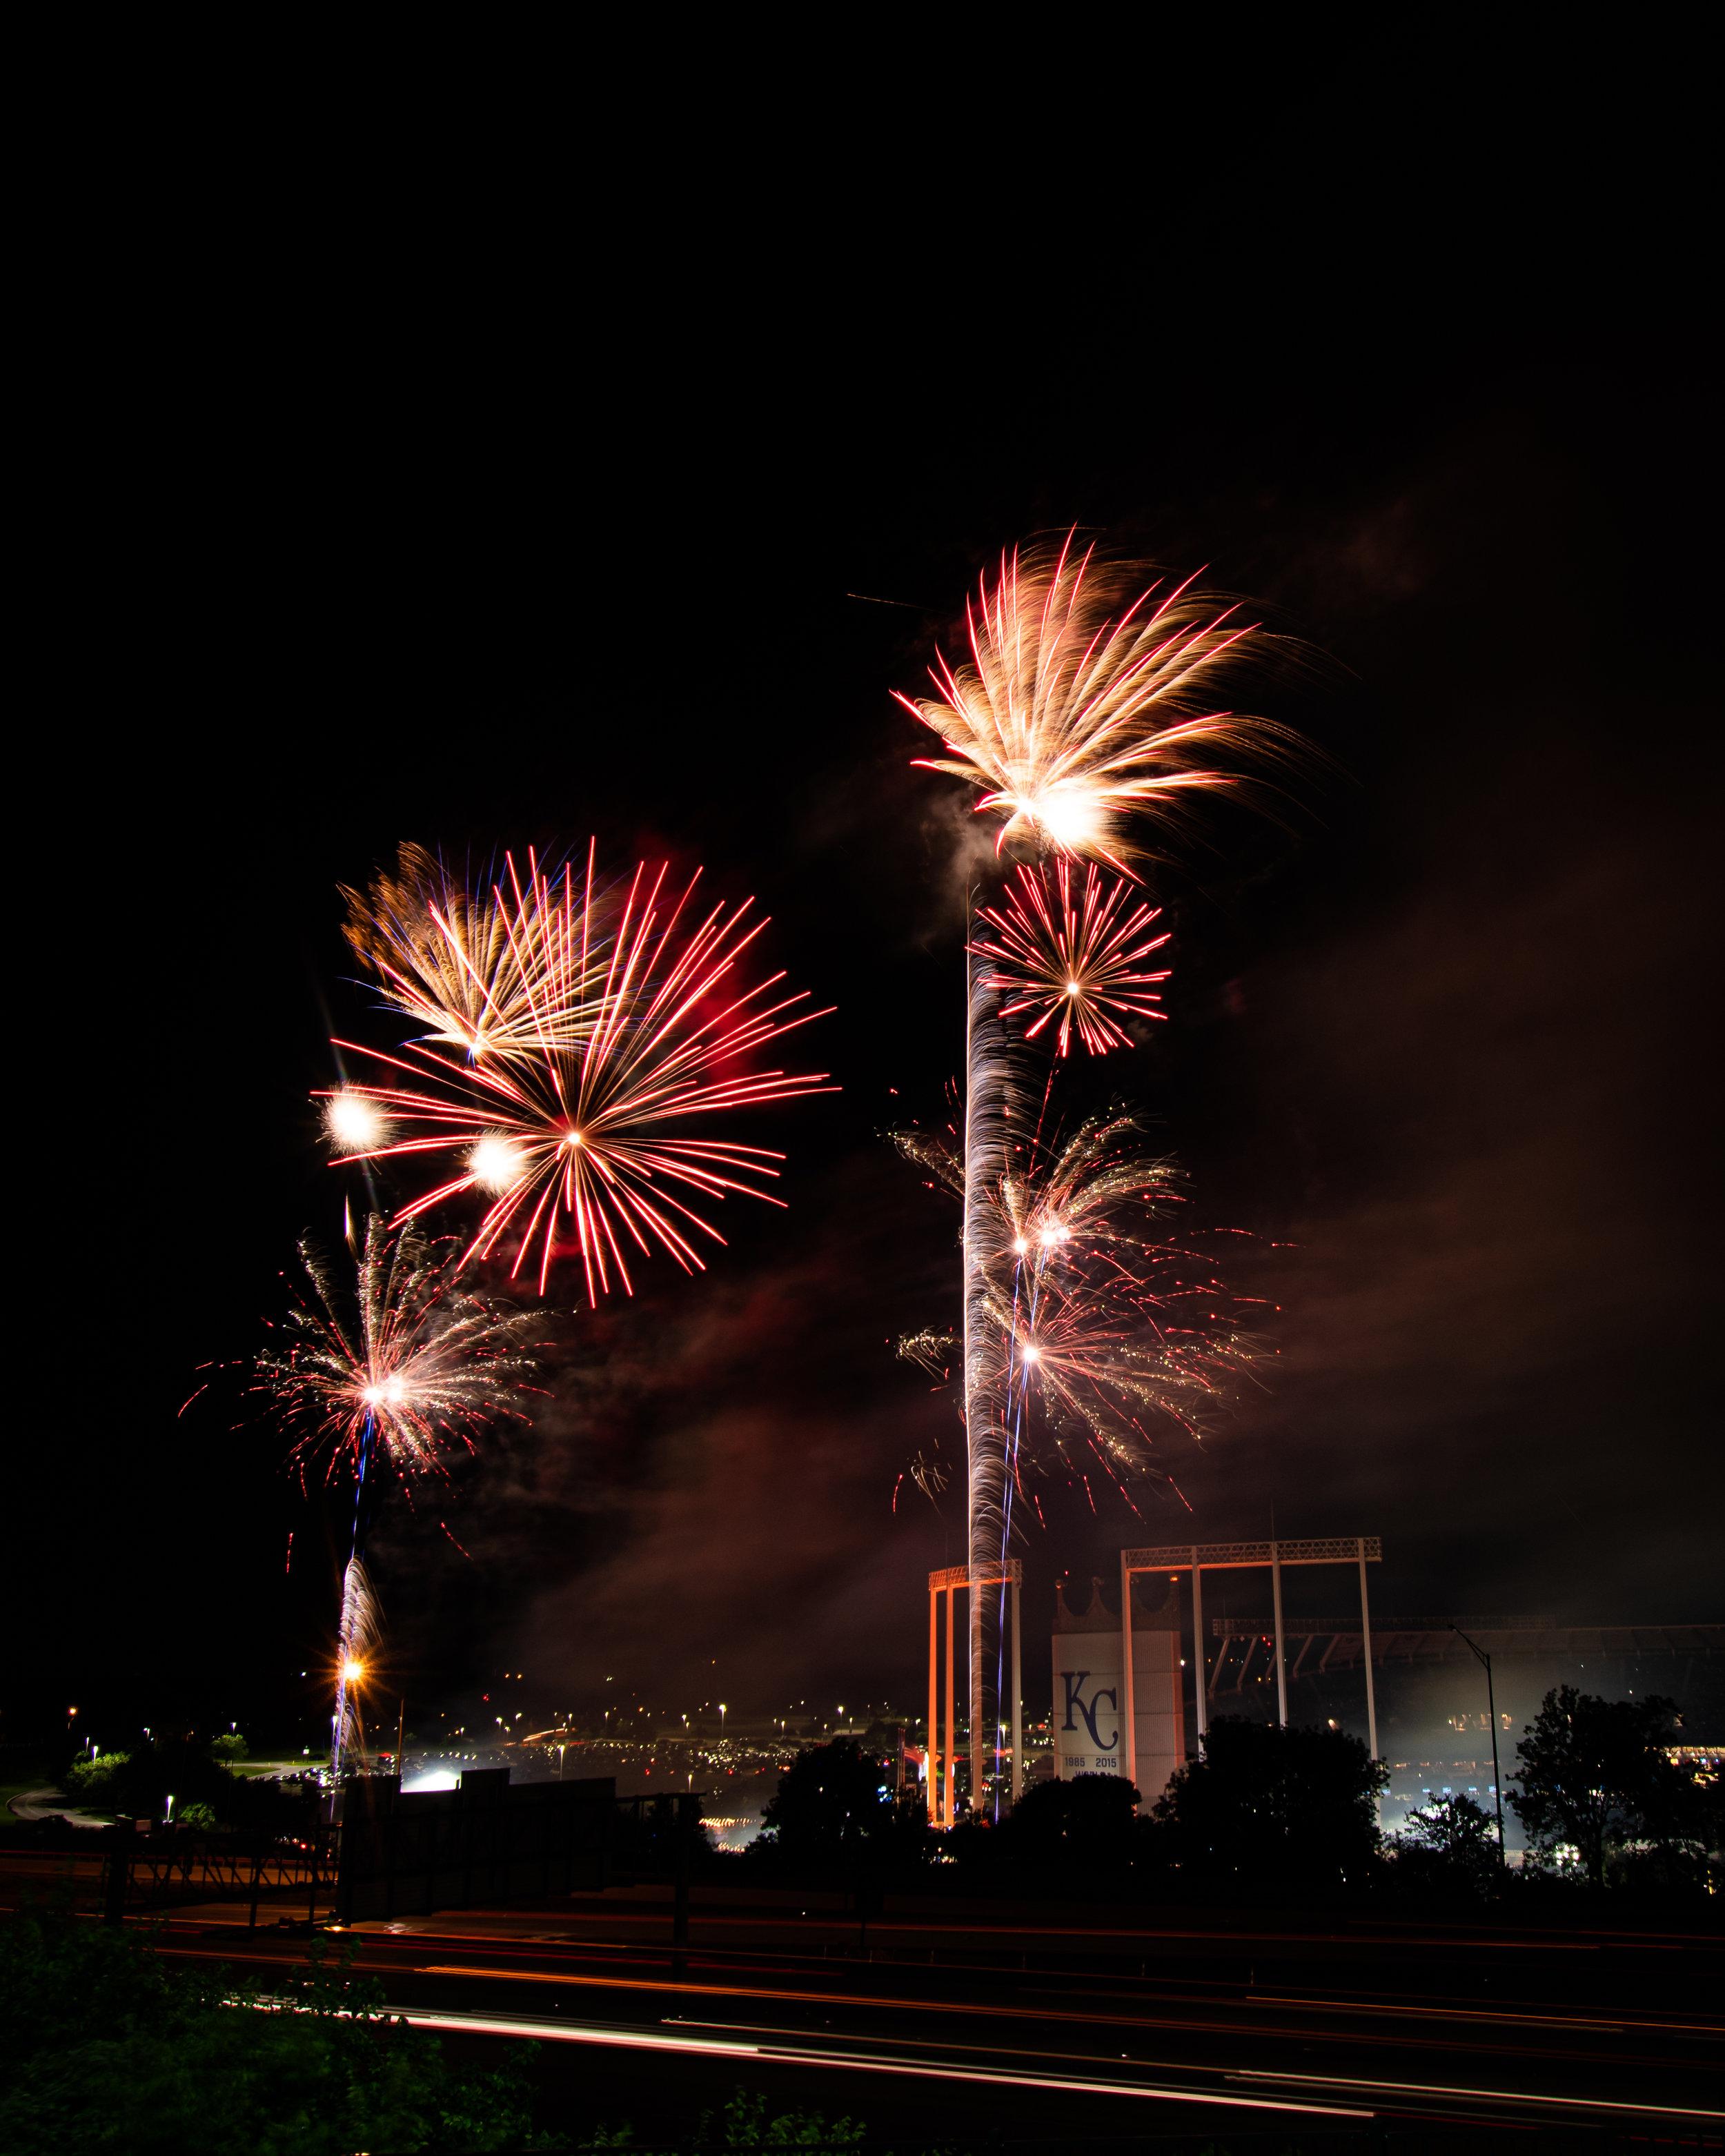 firework-friday-2-of-51_48108324443_o.jpg